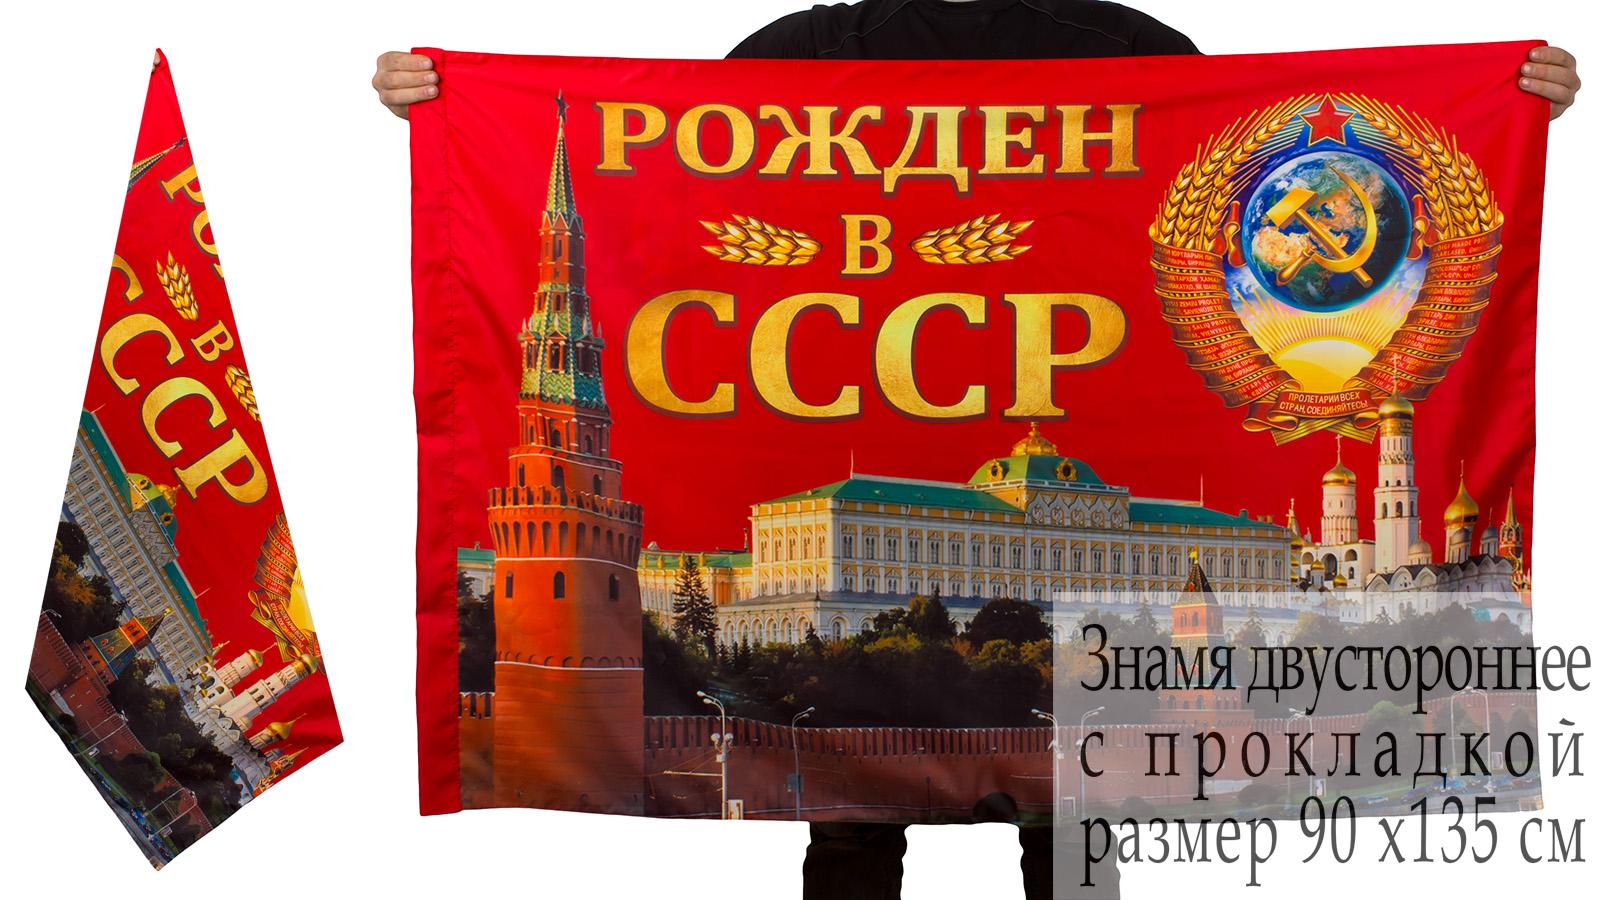 """Купить флаг """"Рождён в СССР"""" по выгодной цене"""